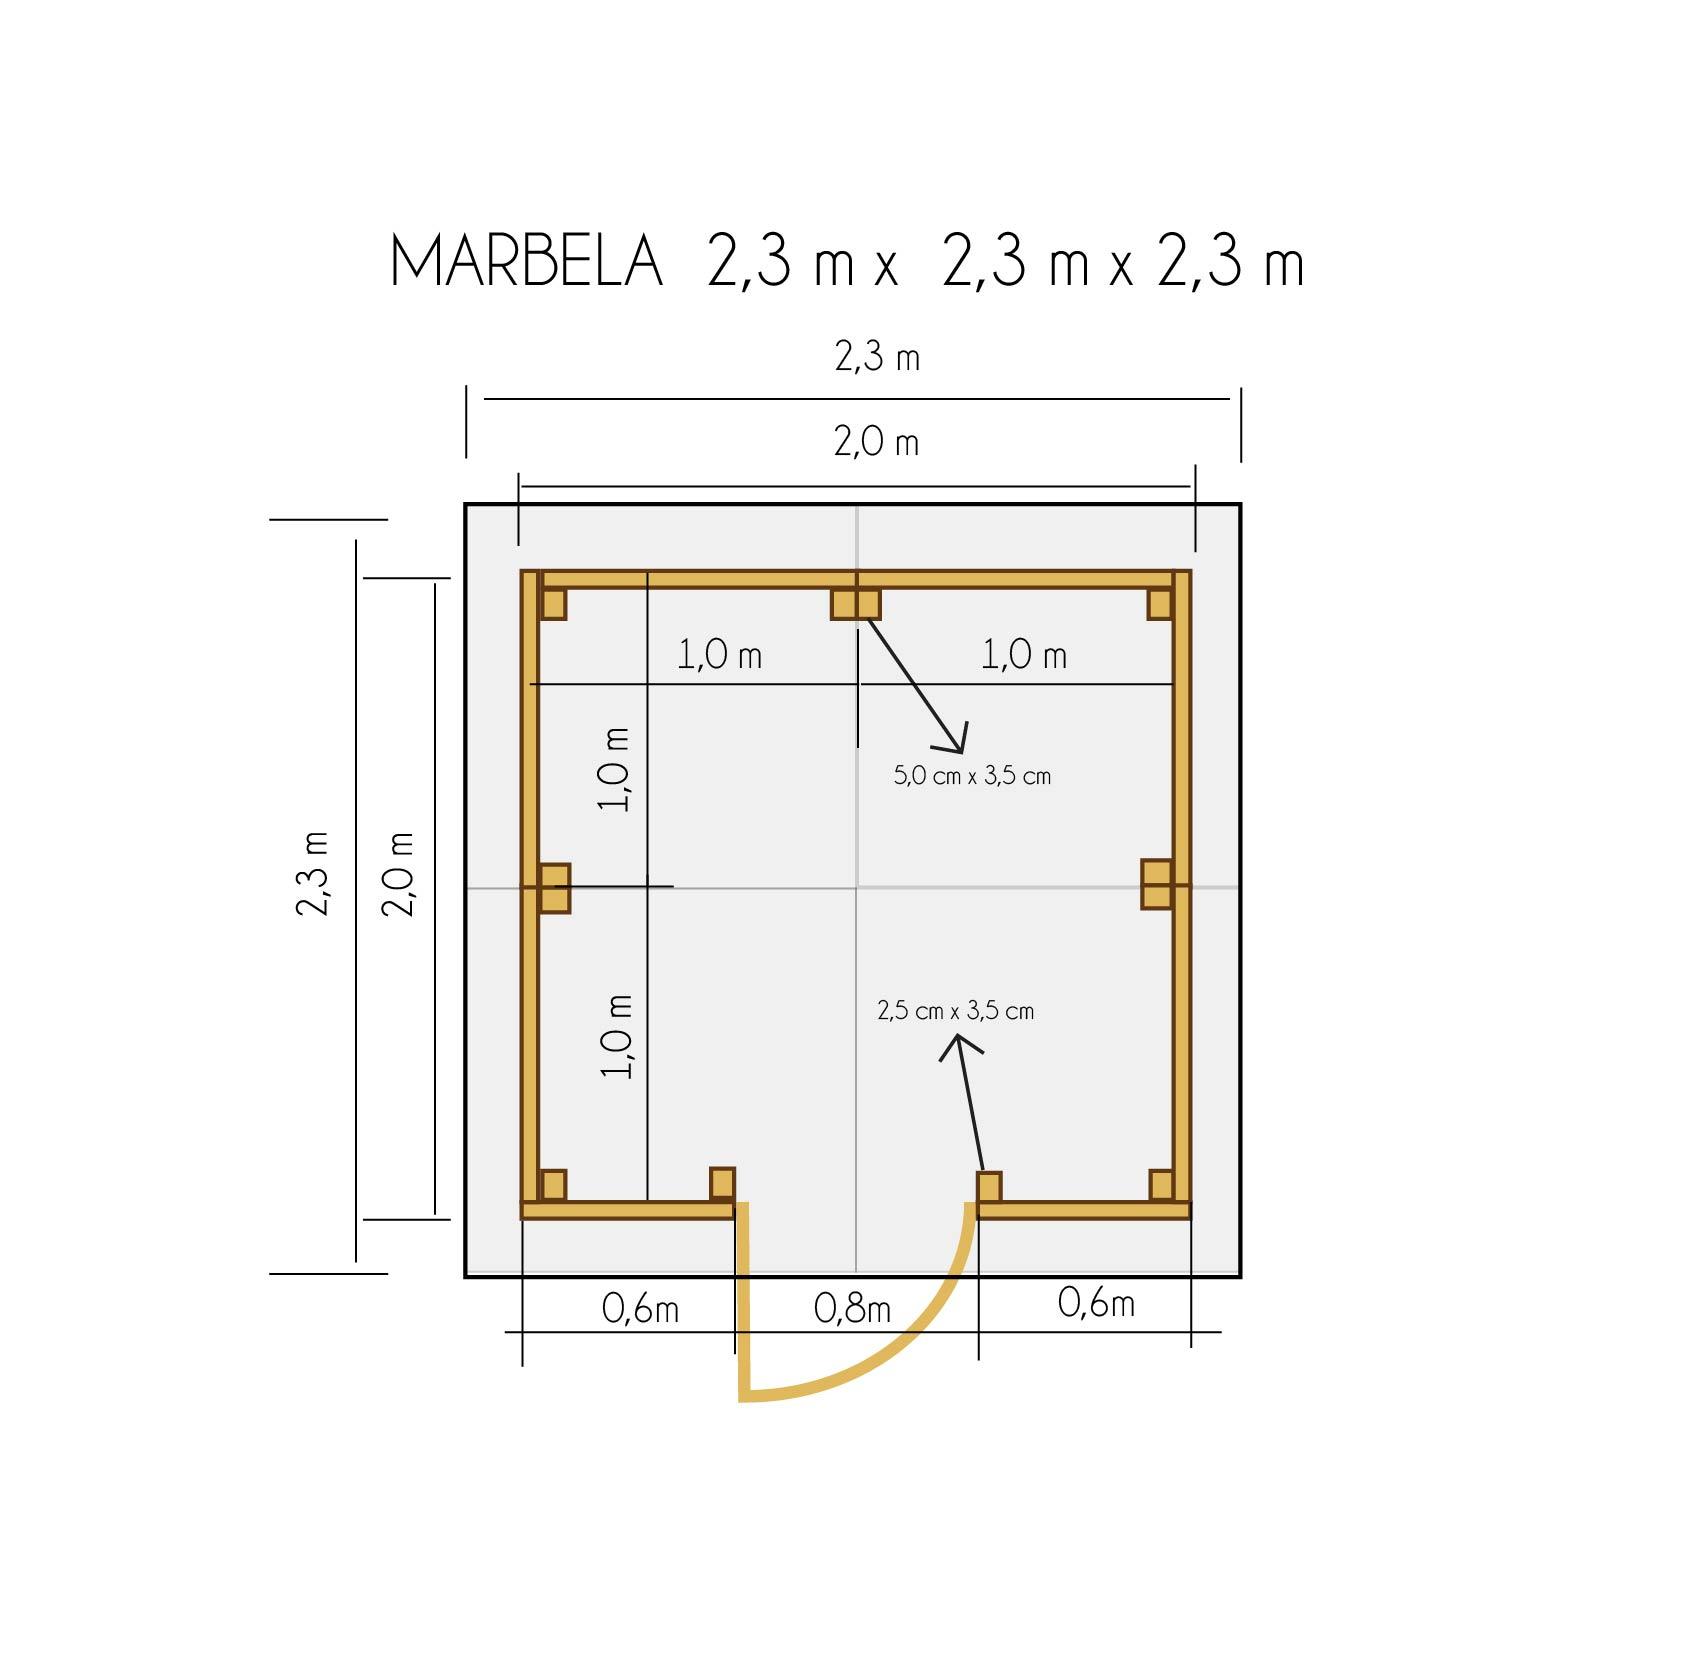 Abris De Jardin Jusqu'À 4M2 | Abri De Jardin 2,3X2,3M dedans Abri Jardin 4M2